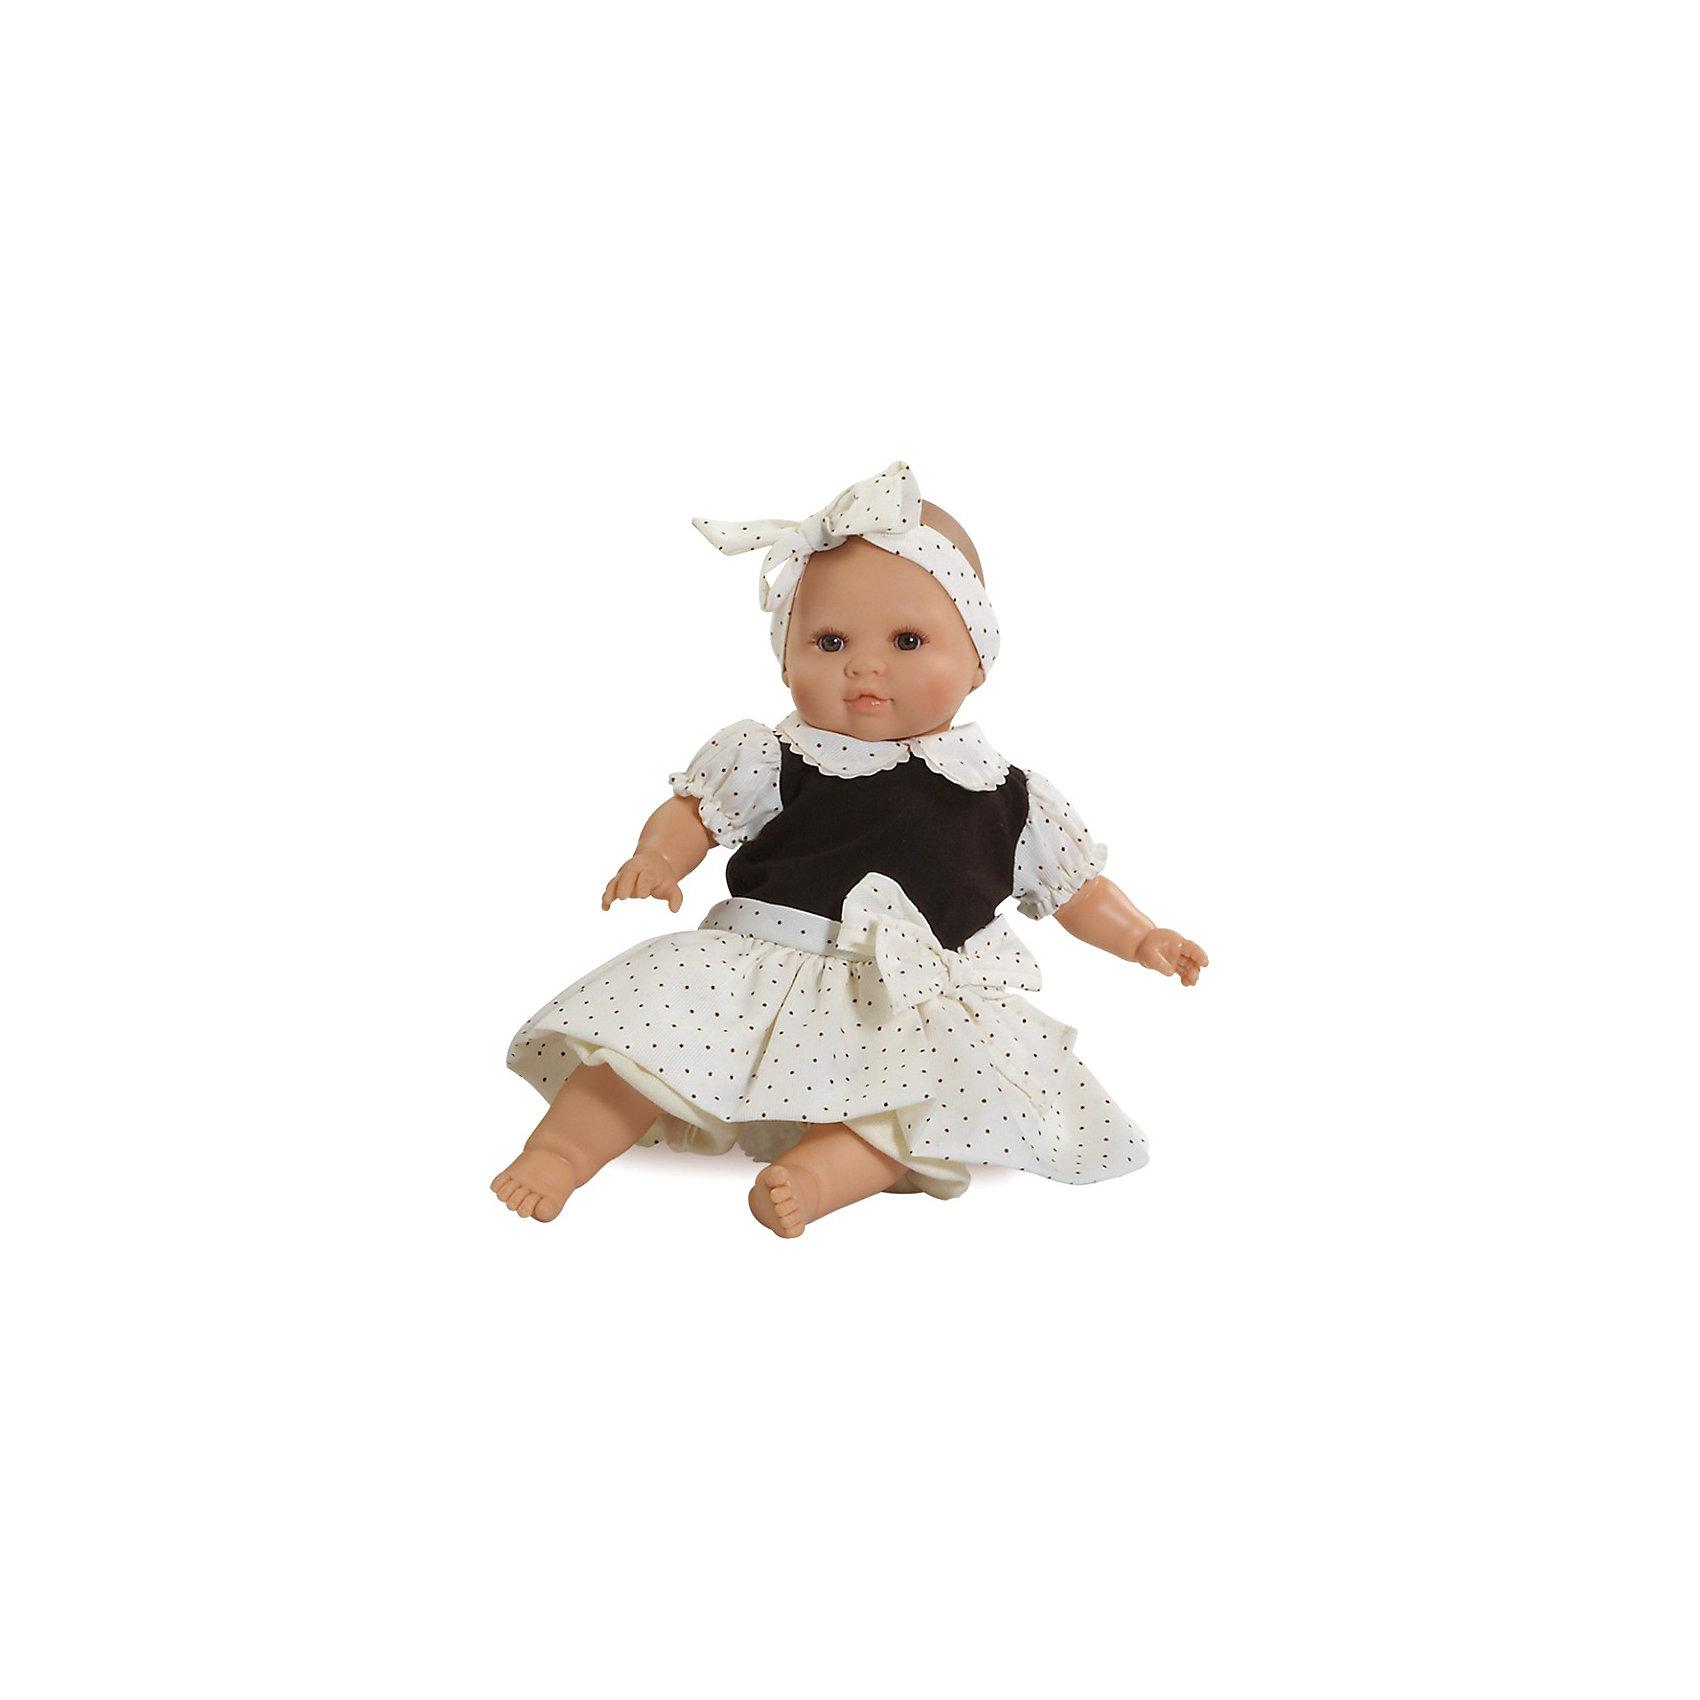 Кукла Ману, 36 см, Paola Reina